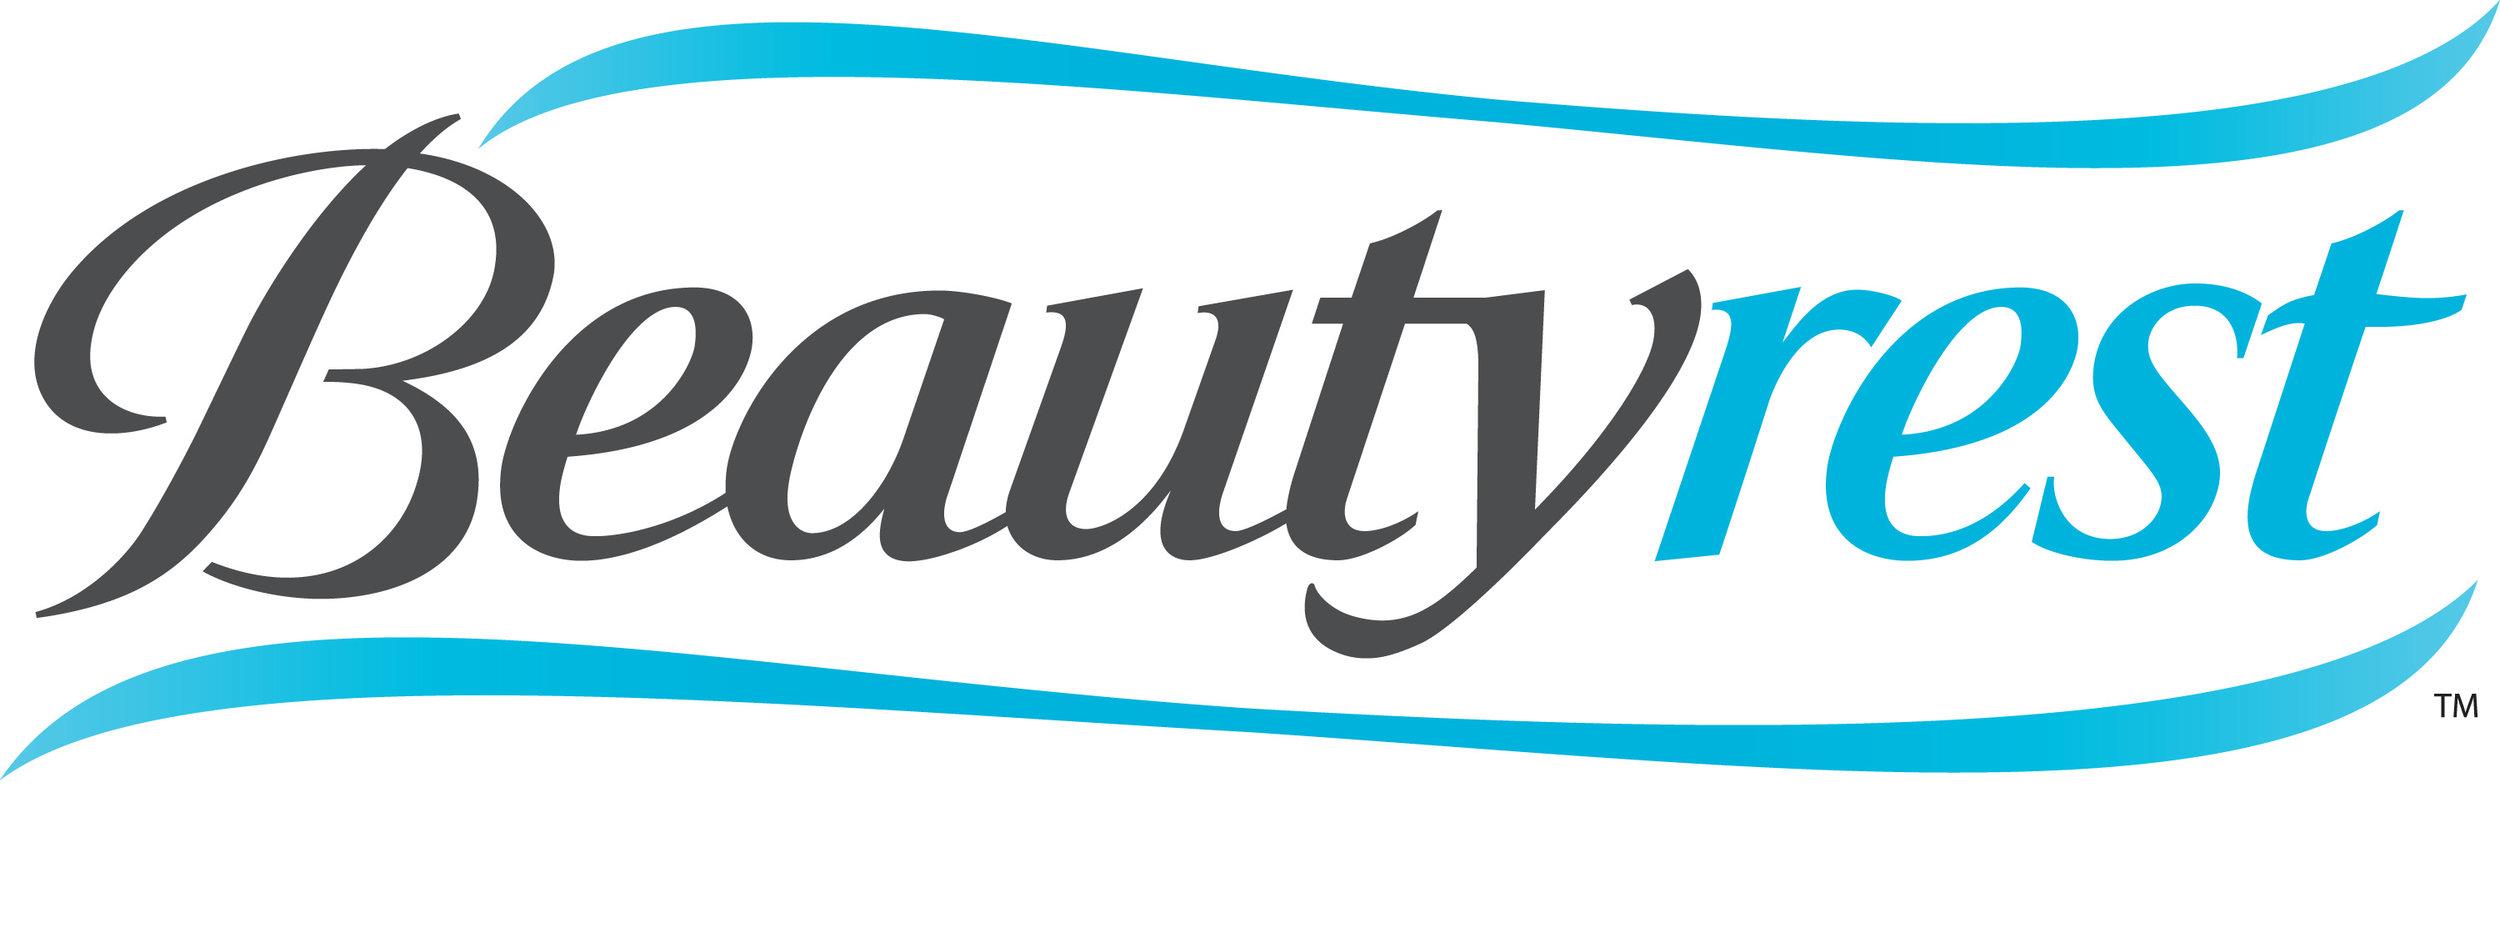 beautyrest.jpg